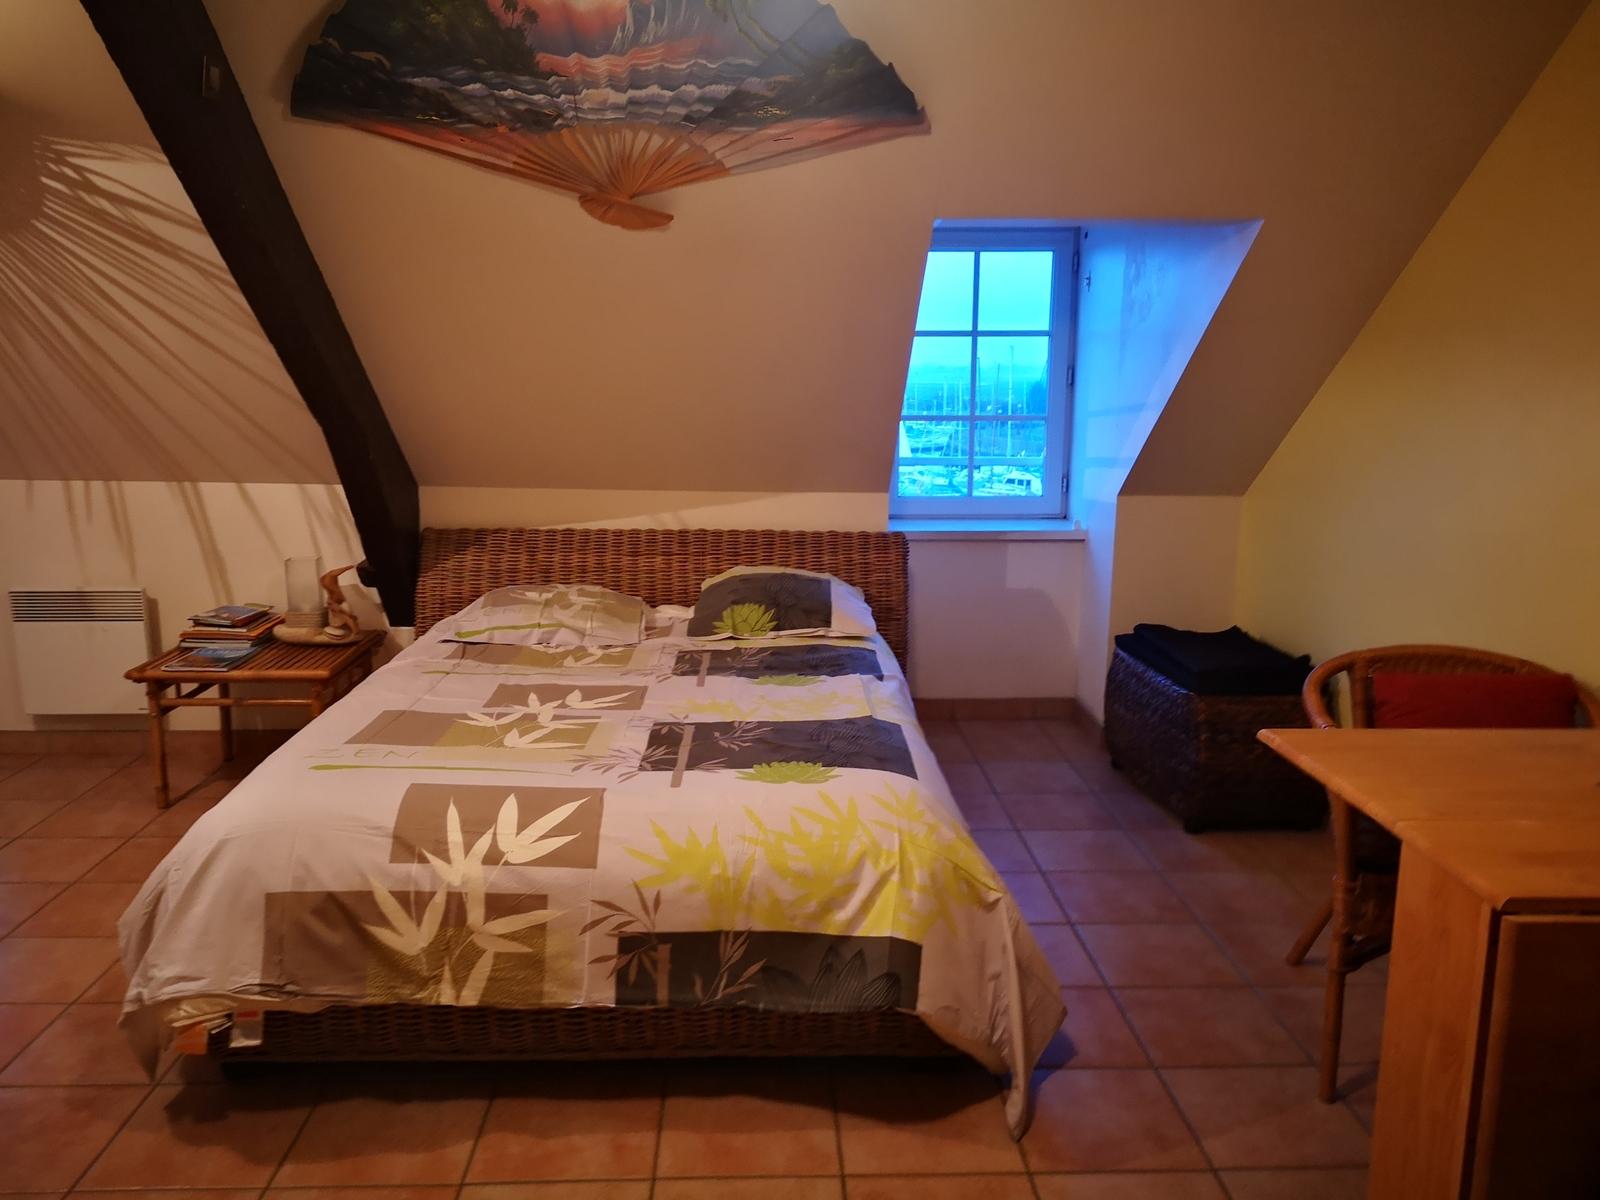 Image n°1 du gîte de mer : Vue sur cuisine/séjour du gîte Le Morne